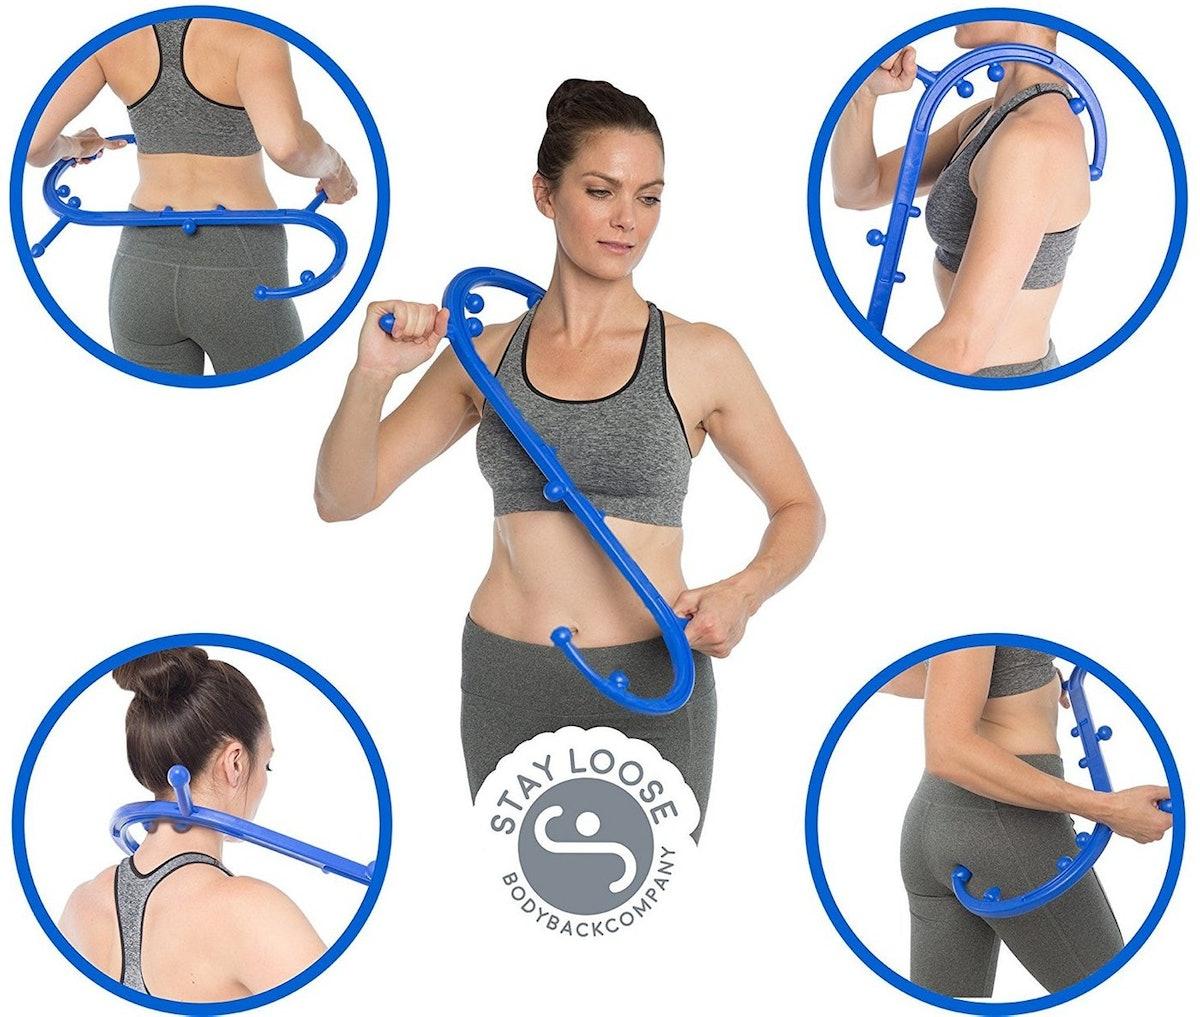 Body Back Buddy Massage Tool